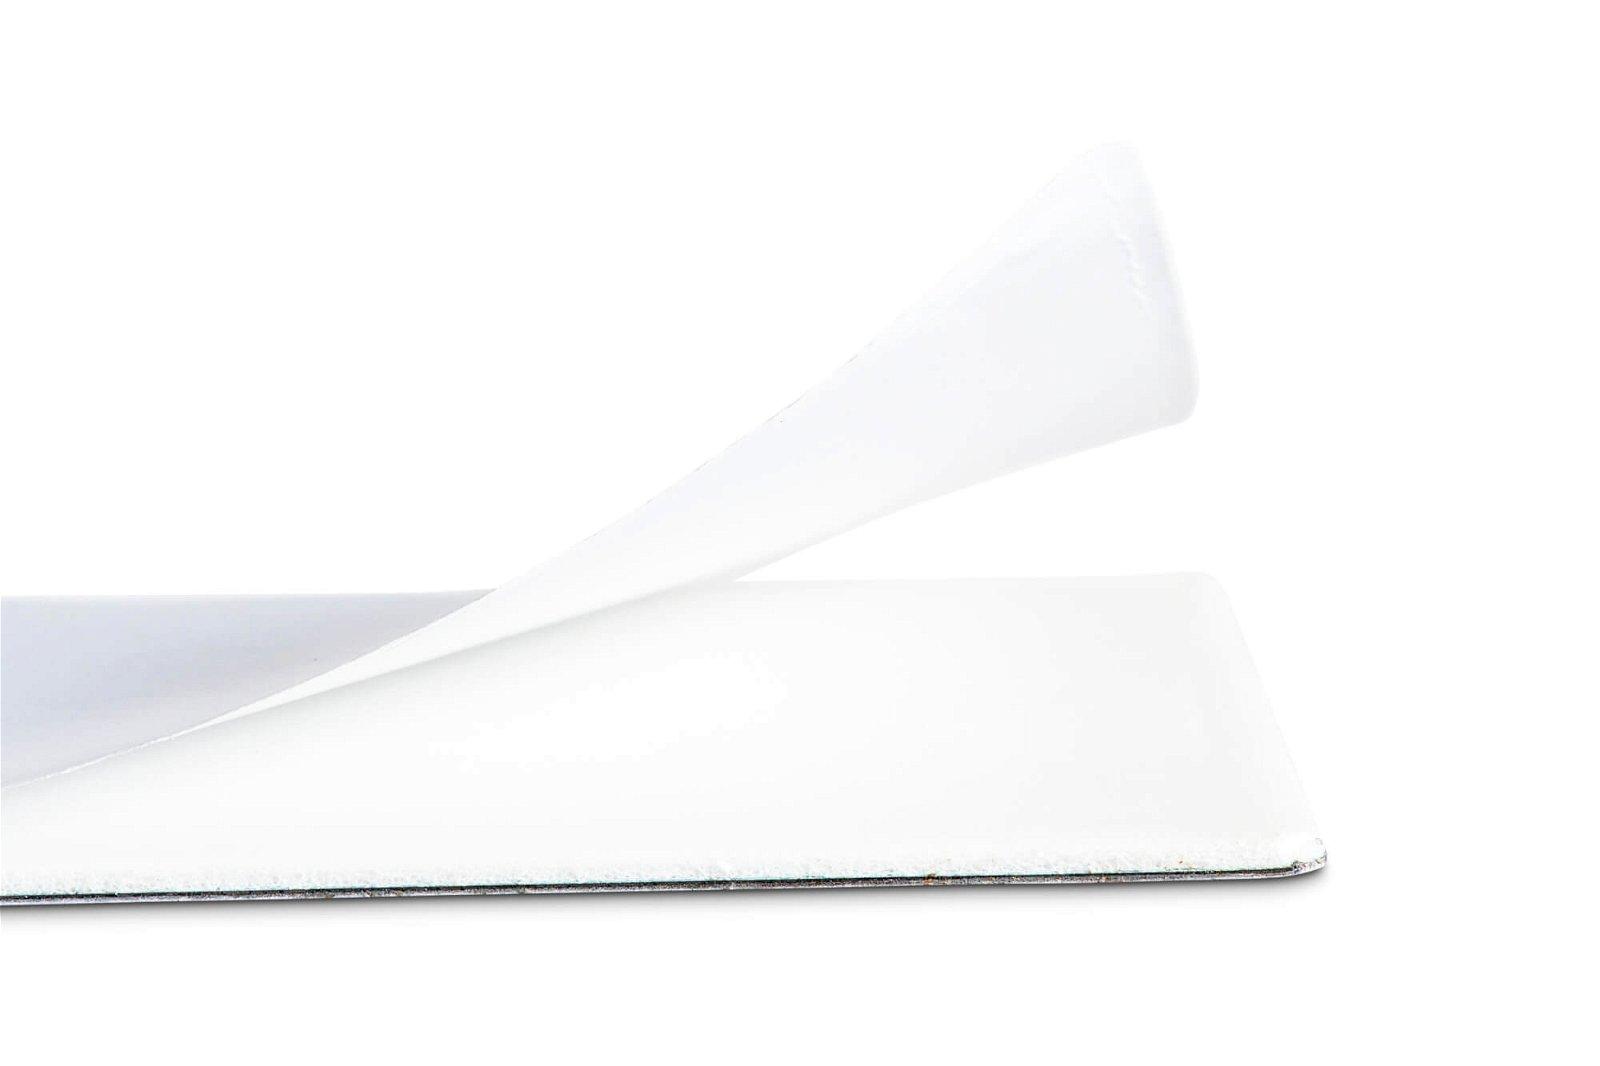 Ferroleiste MAULsolid, Länge 100 cm, grau